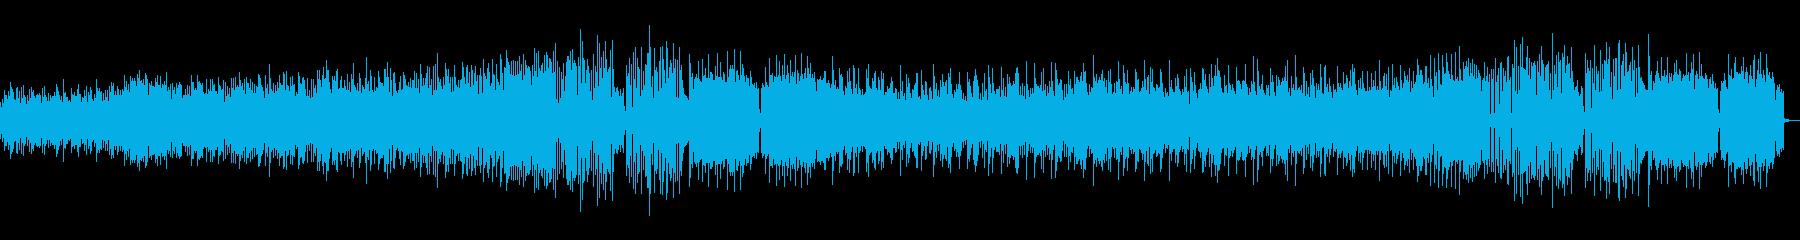 少し暗めのEDM/トラップの再生済みの波形